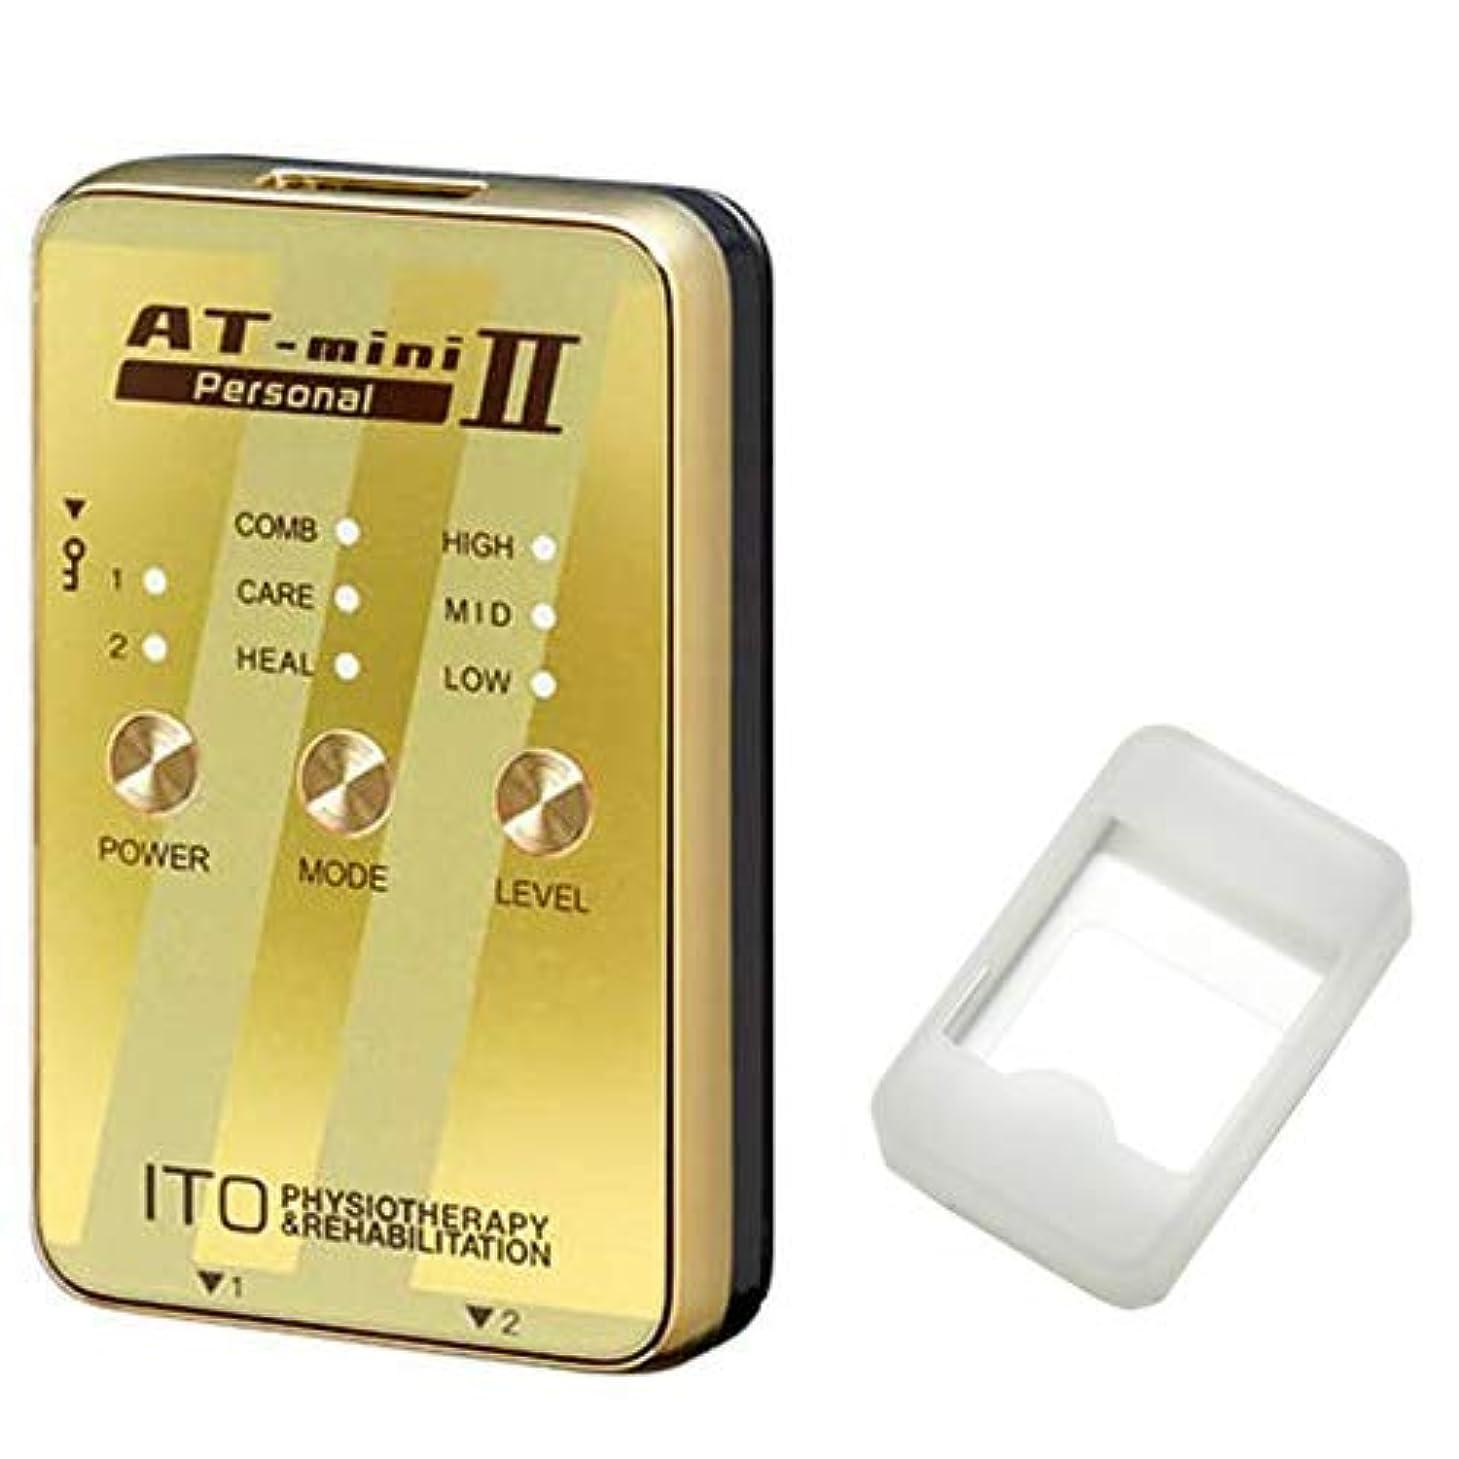 年齢失業者病気低周波治療器 AT-mini personal II ゴールド (ATミニパーソナル2) + シリコン保護ケース